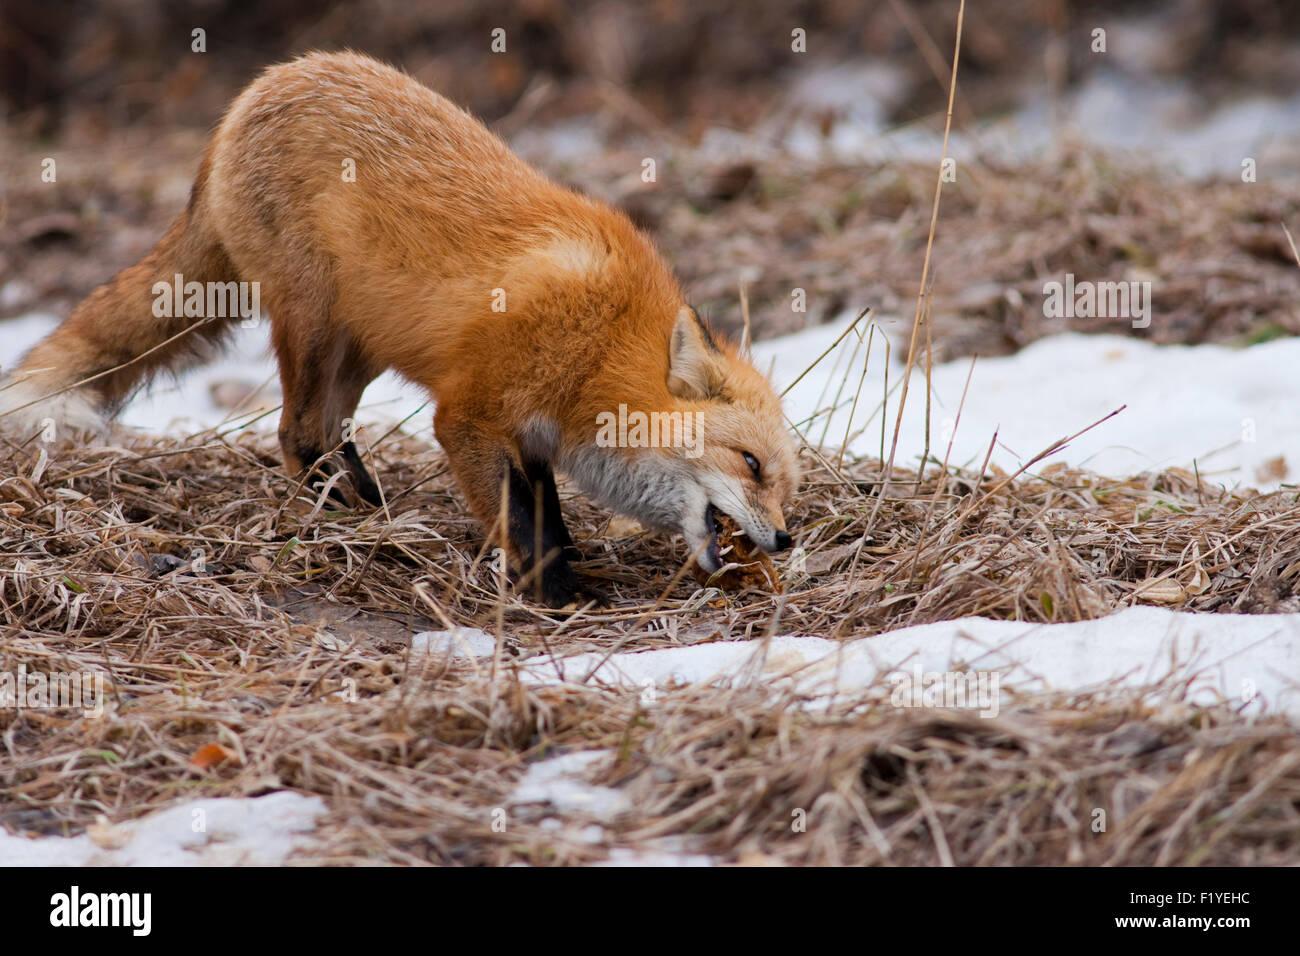 Erste, leicht, erwachsenen Tier, Tiere In freier Wildbahn Stockfoto ...